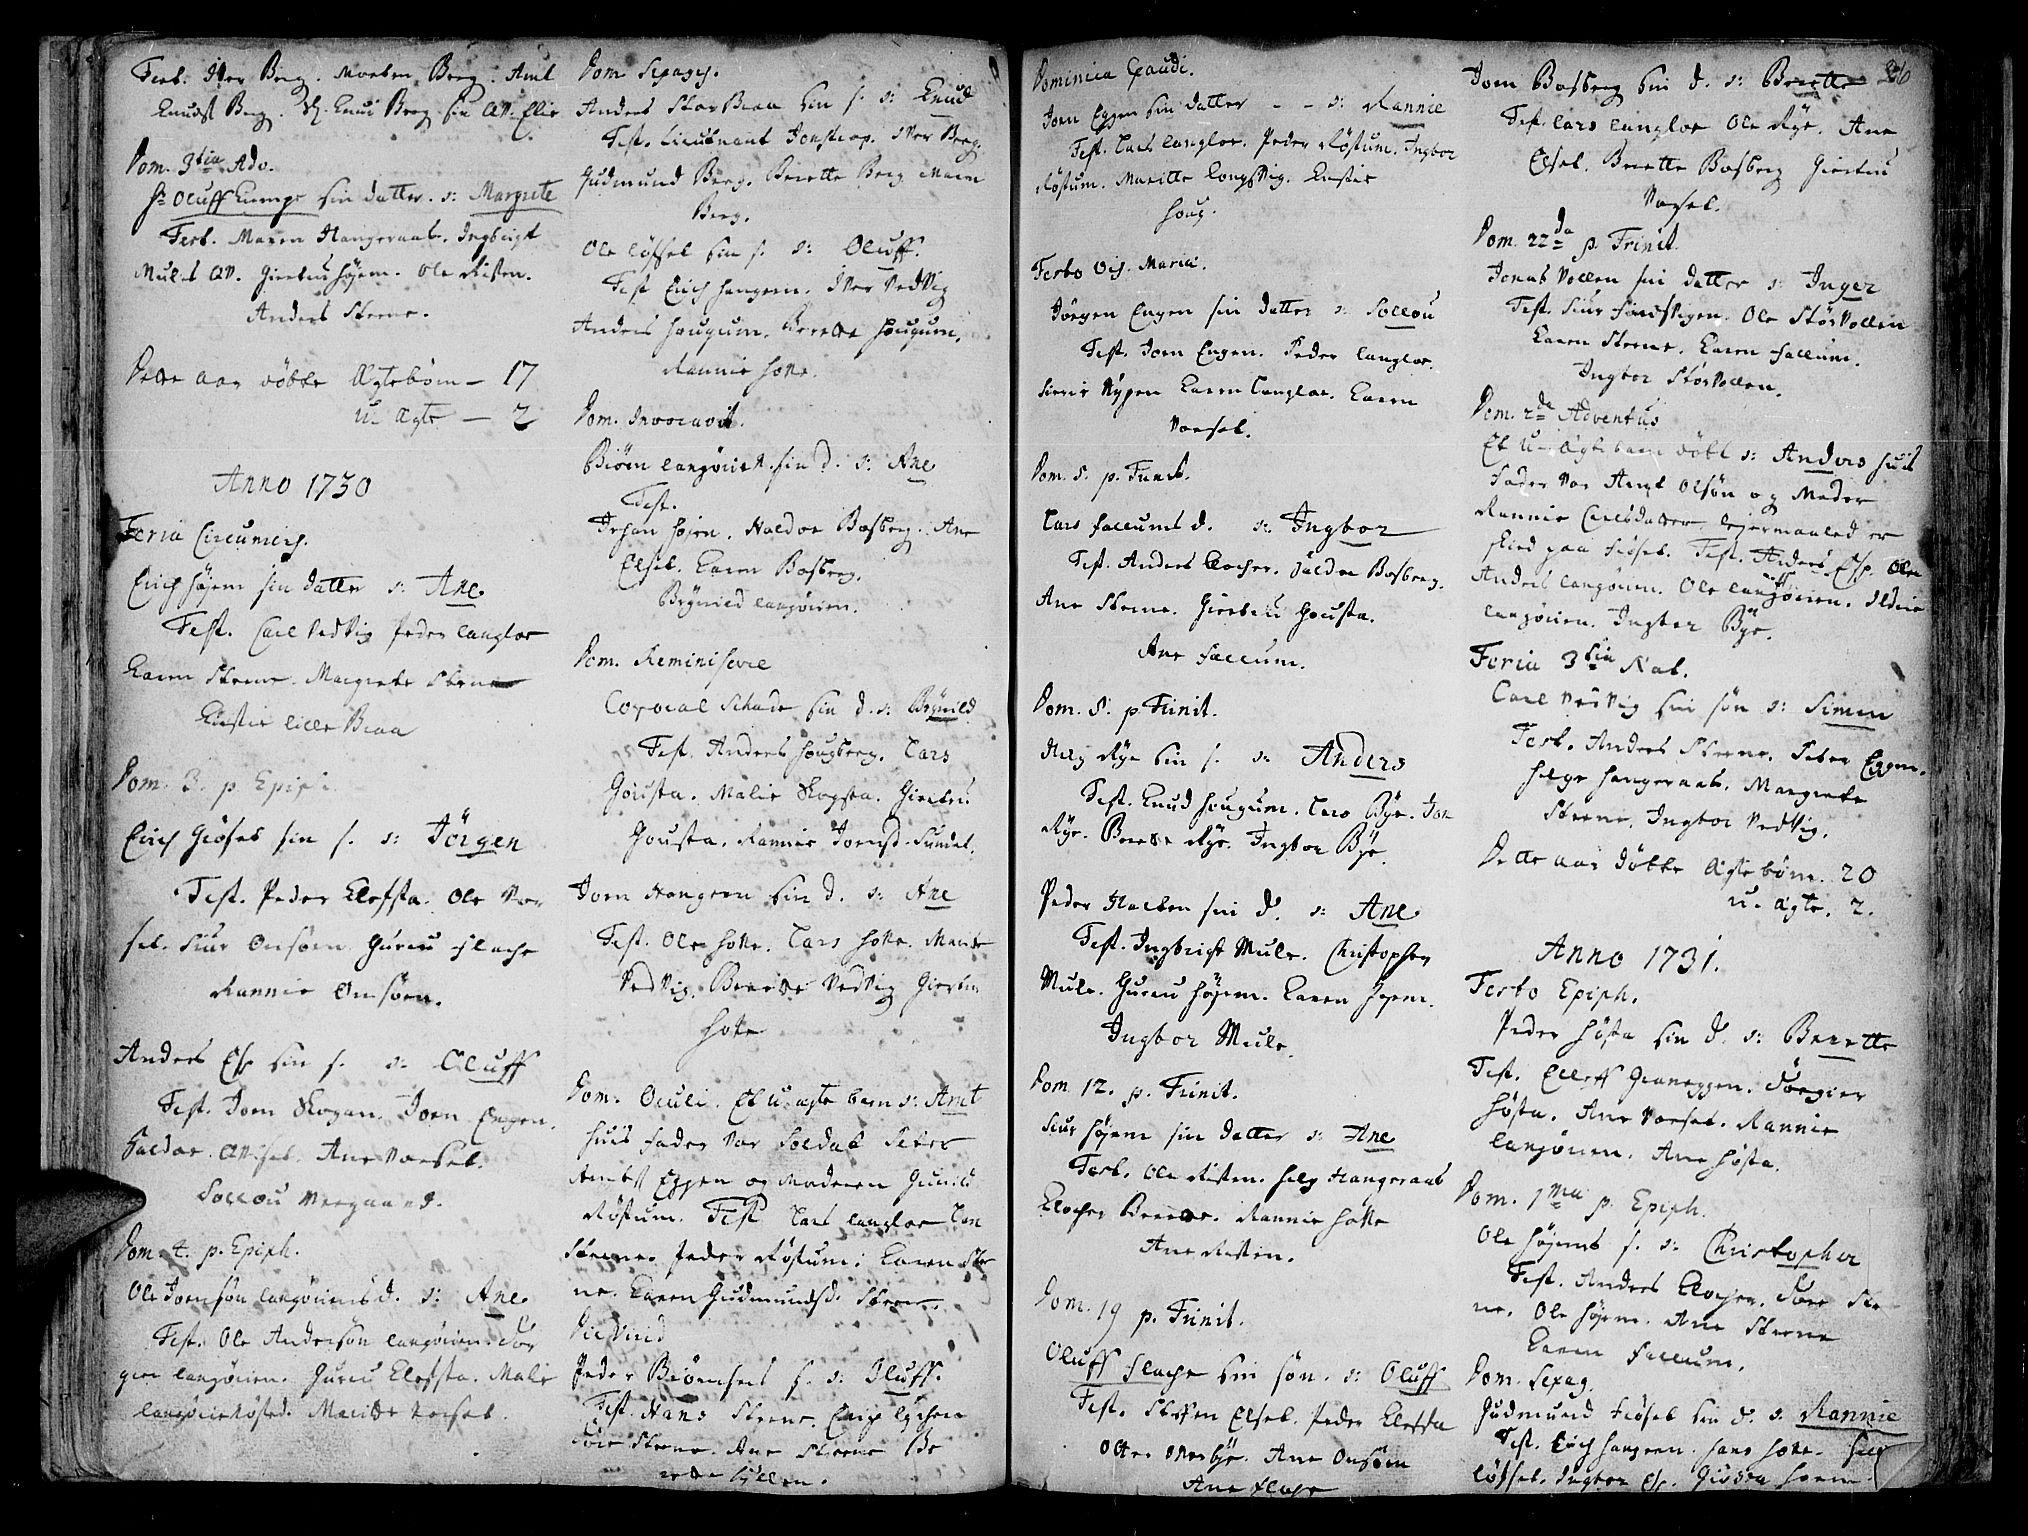 SAT, Ministerialprotokoller, klokkerbøker og fødselsregistre - Sør-Trøndelag, 612/L0368: Ministerialbok nr. 612A02, 1702-1753, s. 26